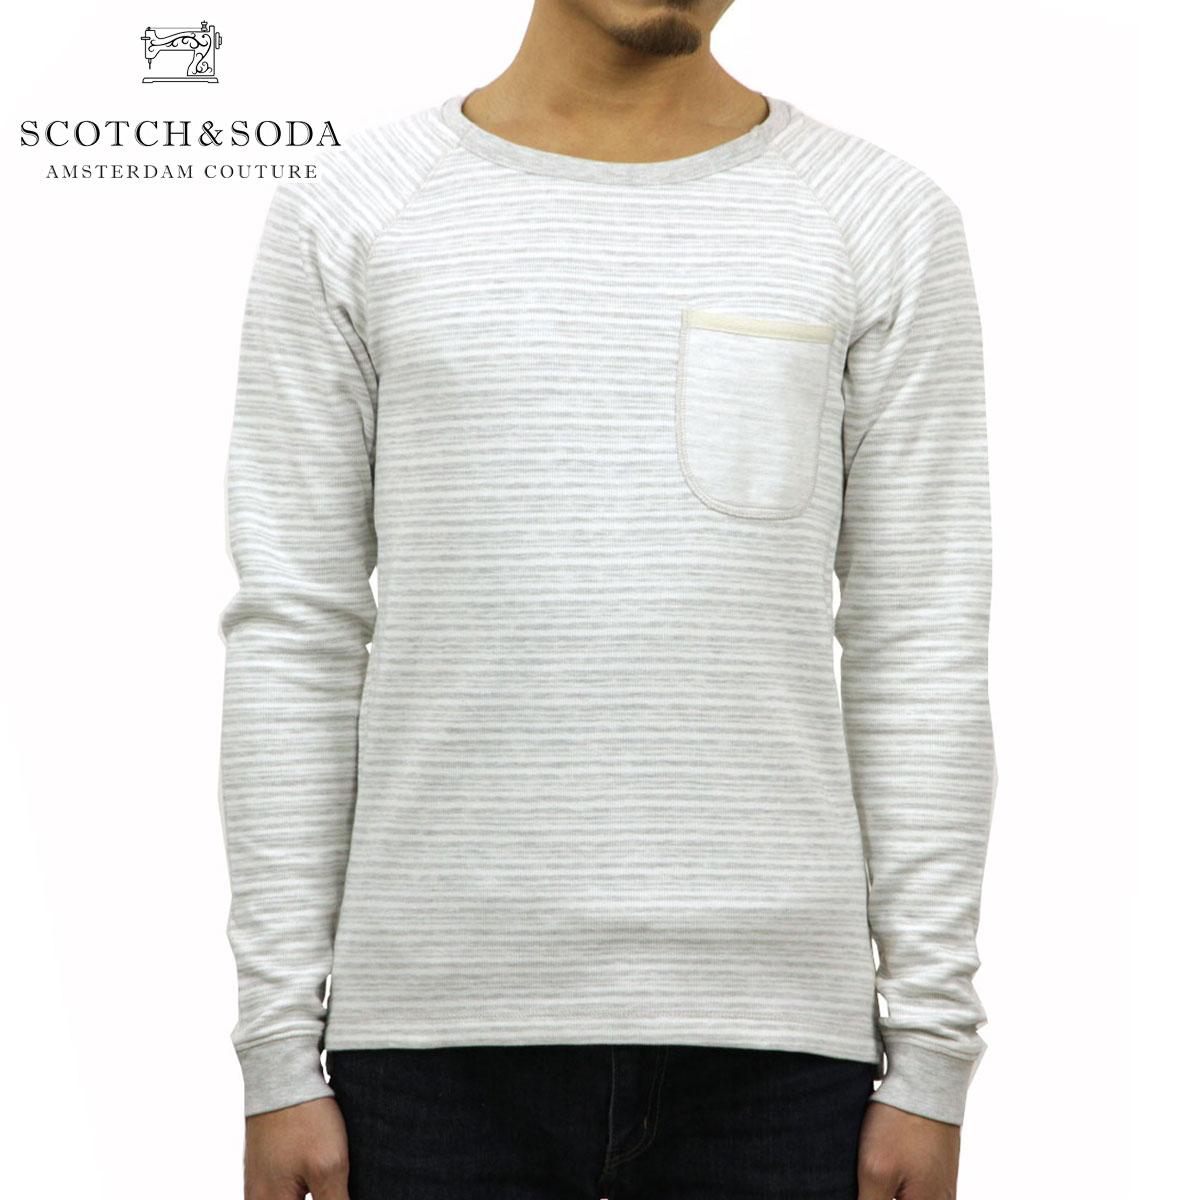 スコッチアンドソーダ SCOTCH&SODA 正規販売店 メンズ スウェット Home Alone Long Sleeve Tee 100066 A1 D00S20